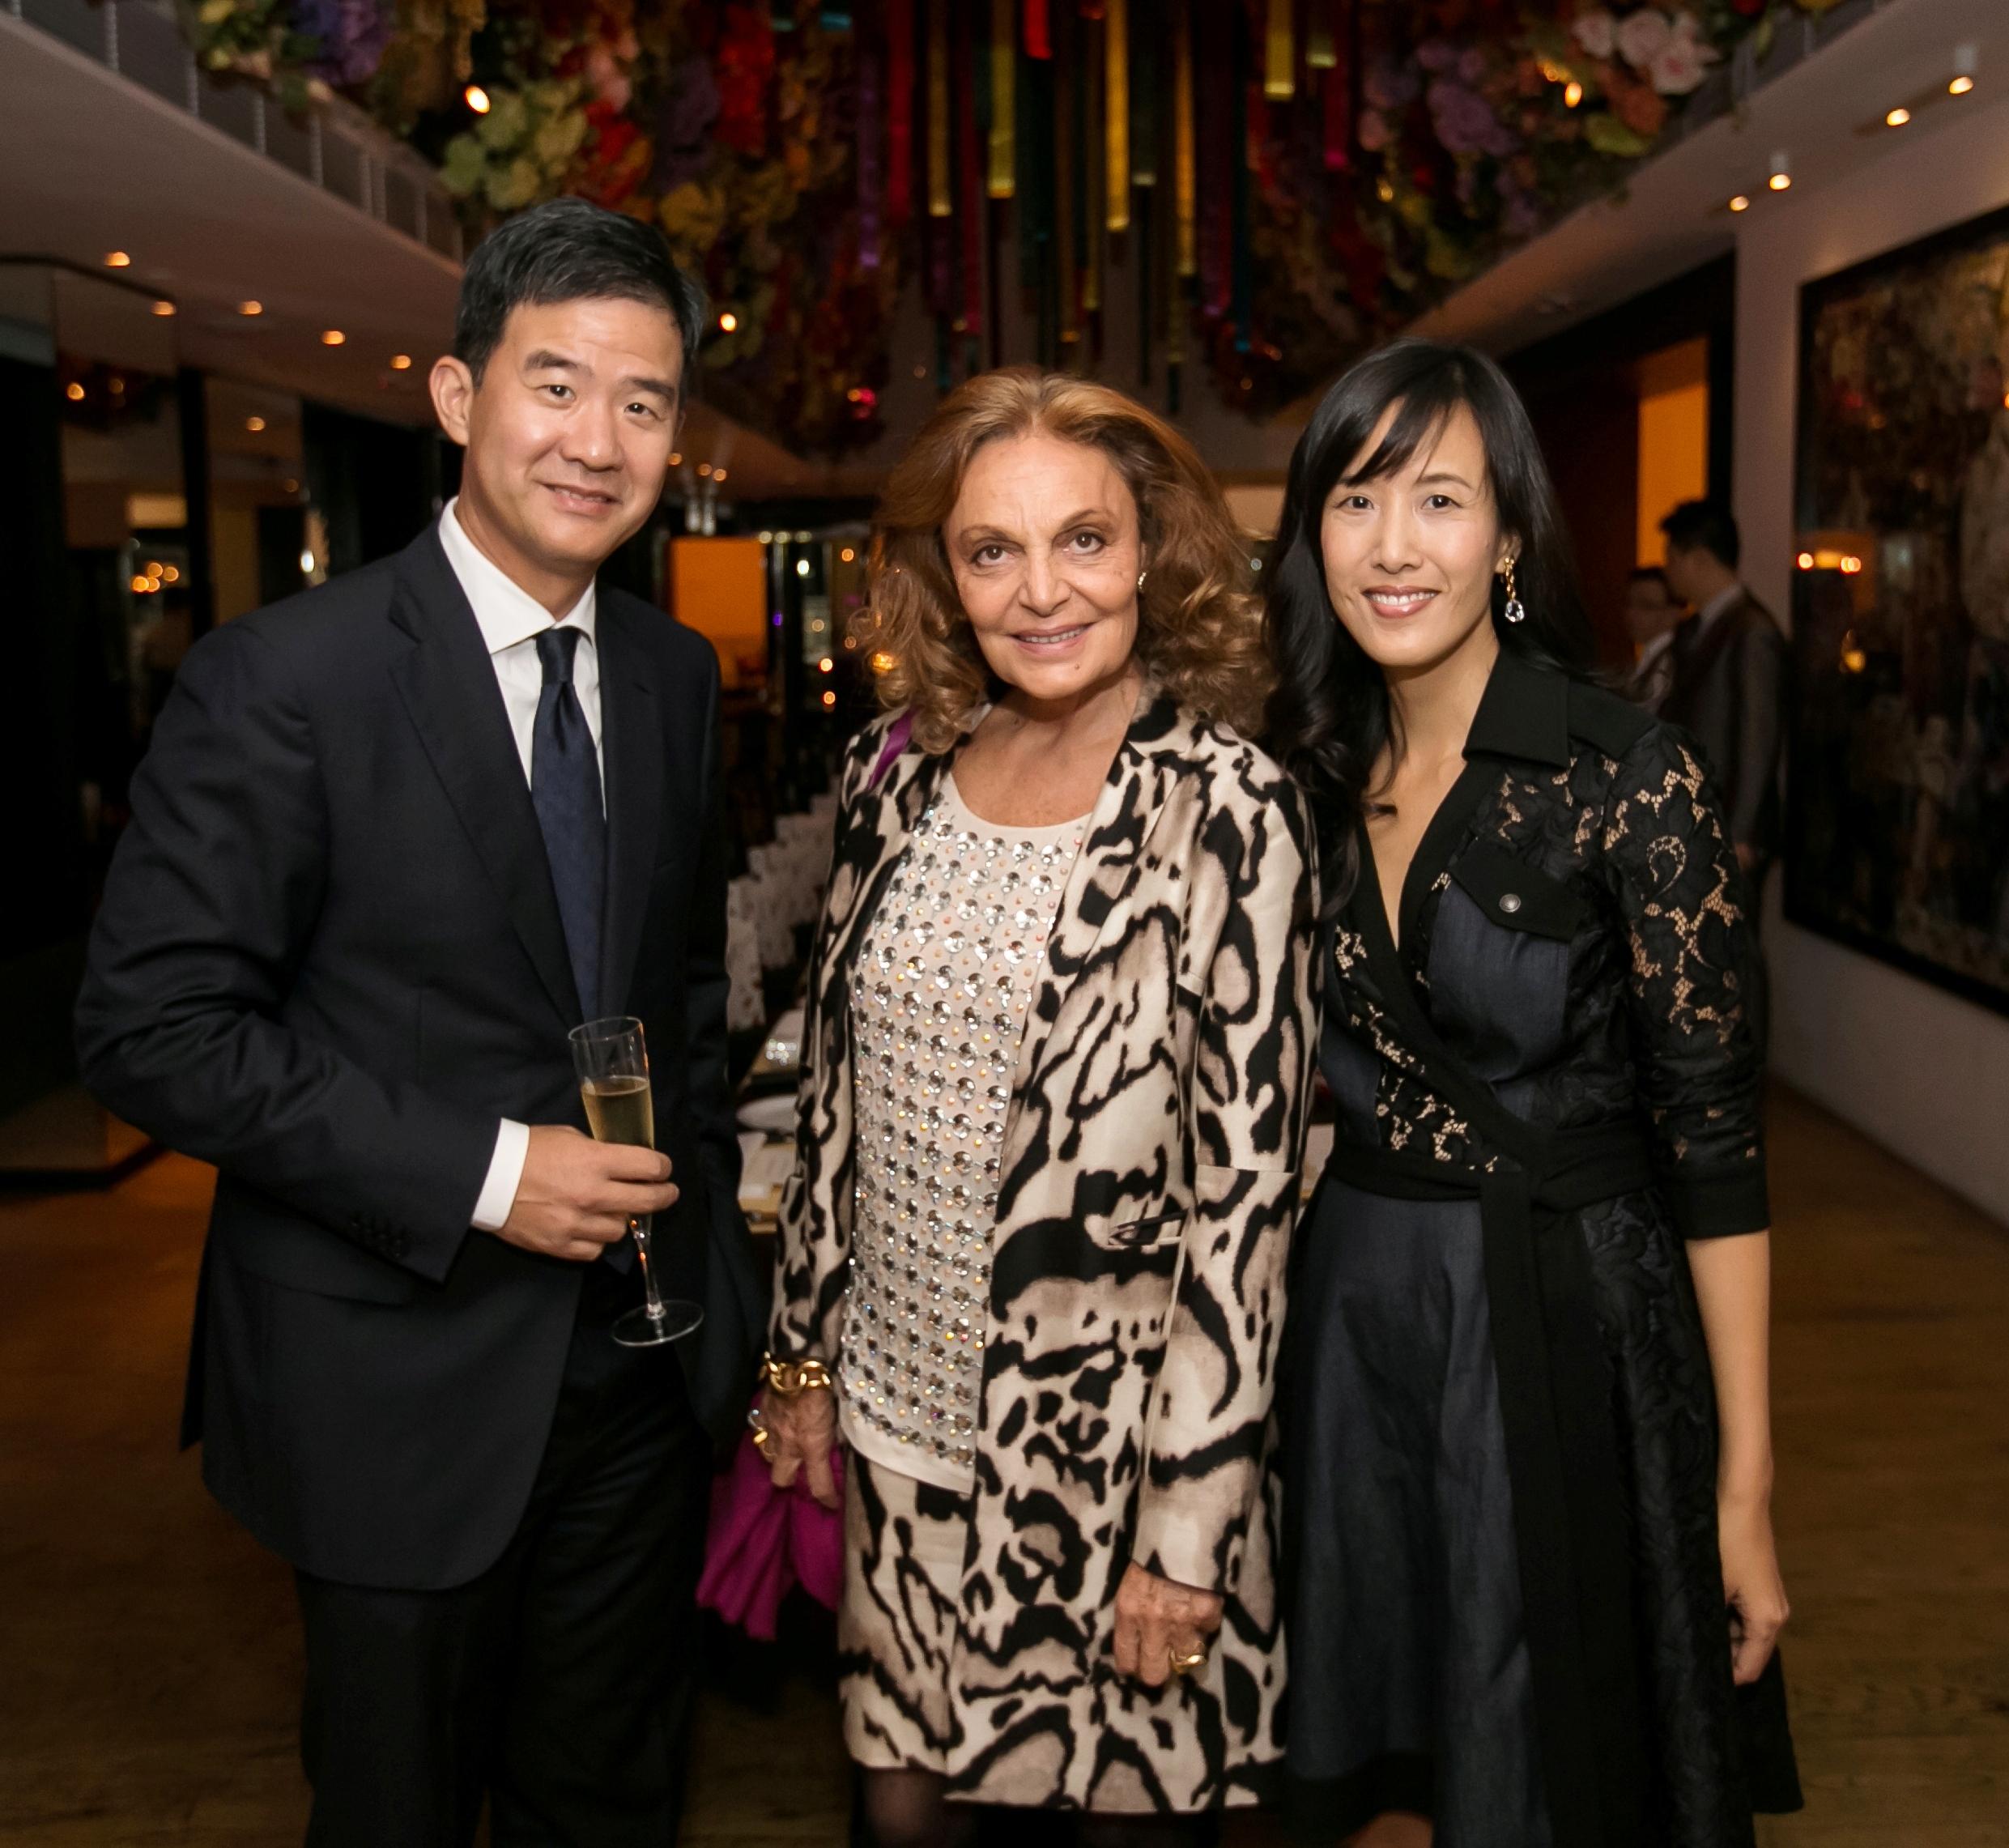 David Ting, Diane von Furstenberg, Linda Ting.JPG